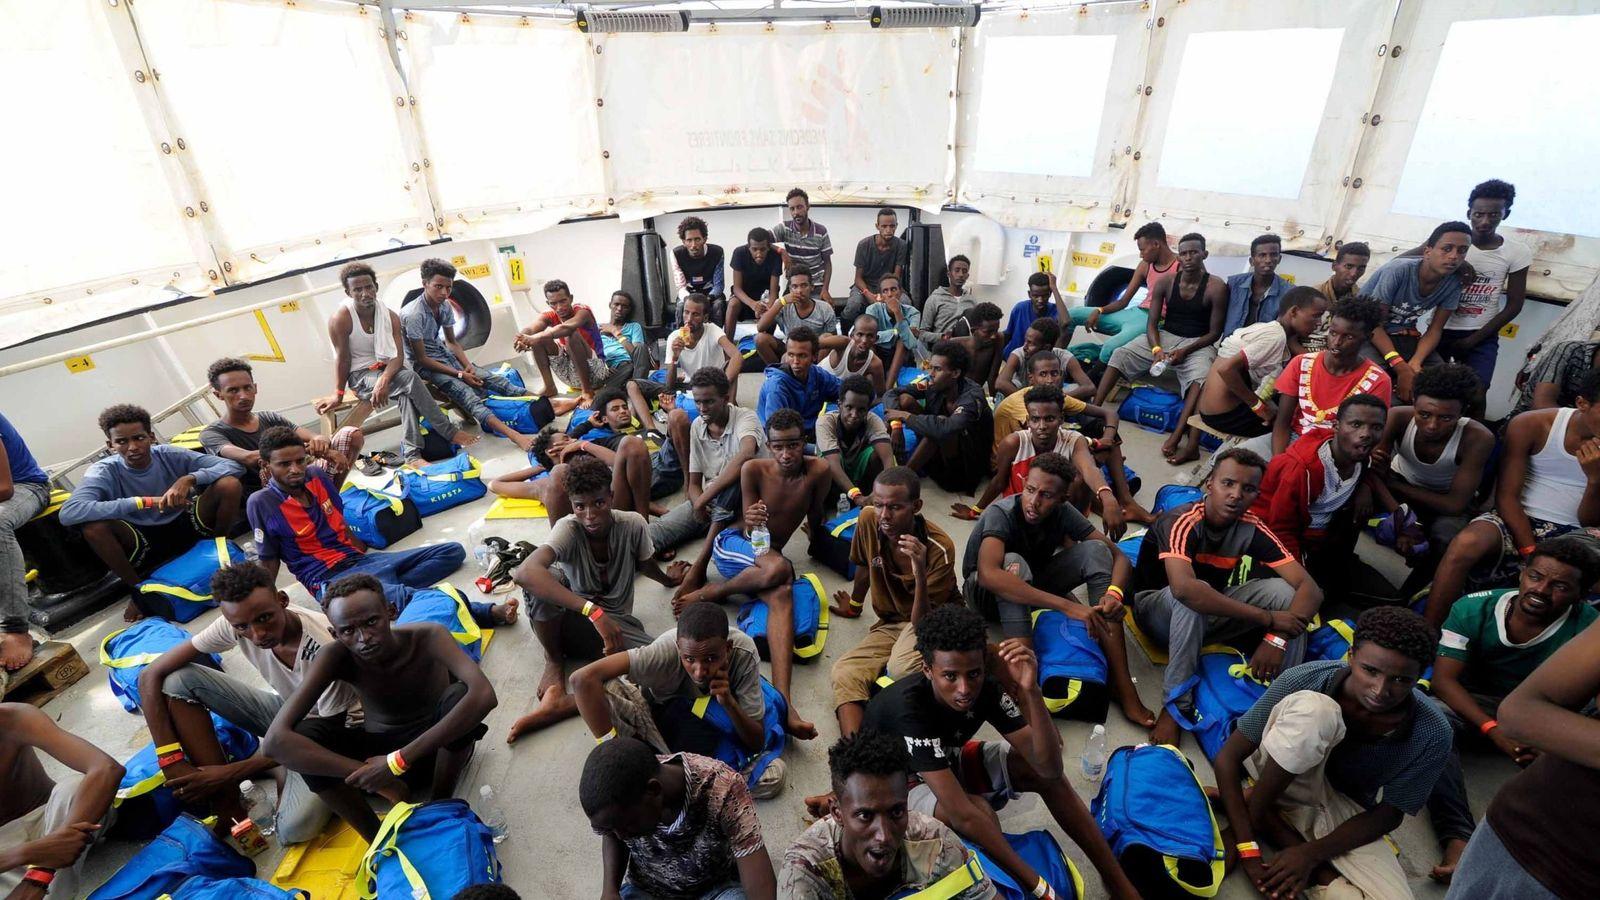 Foto: Los inmigrantes del Aquarius. (Foto cedida por MSF)